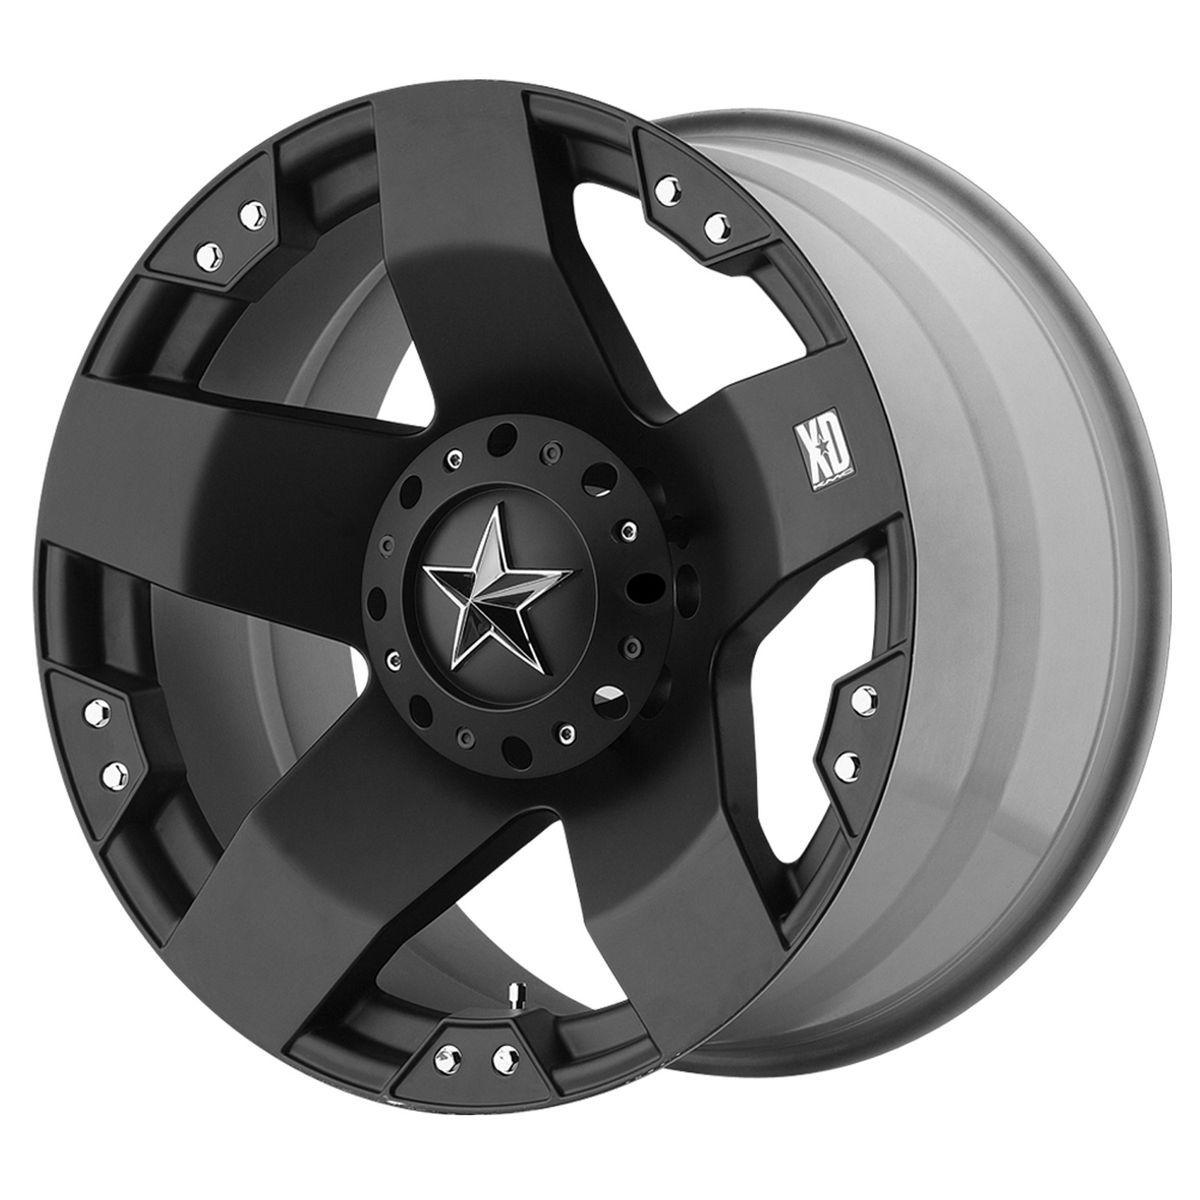 Wheels Rims XD775 Rockstar Ford F250 F350 8 Lug 1999 2012 8x170